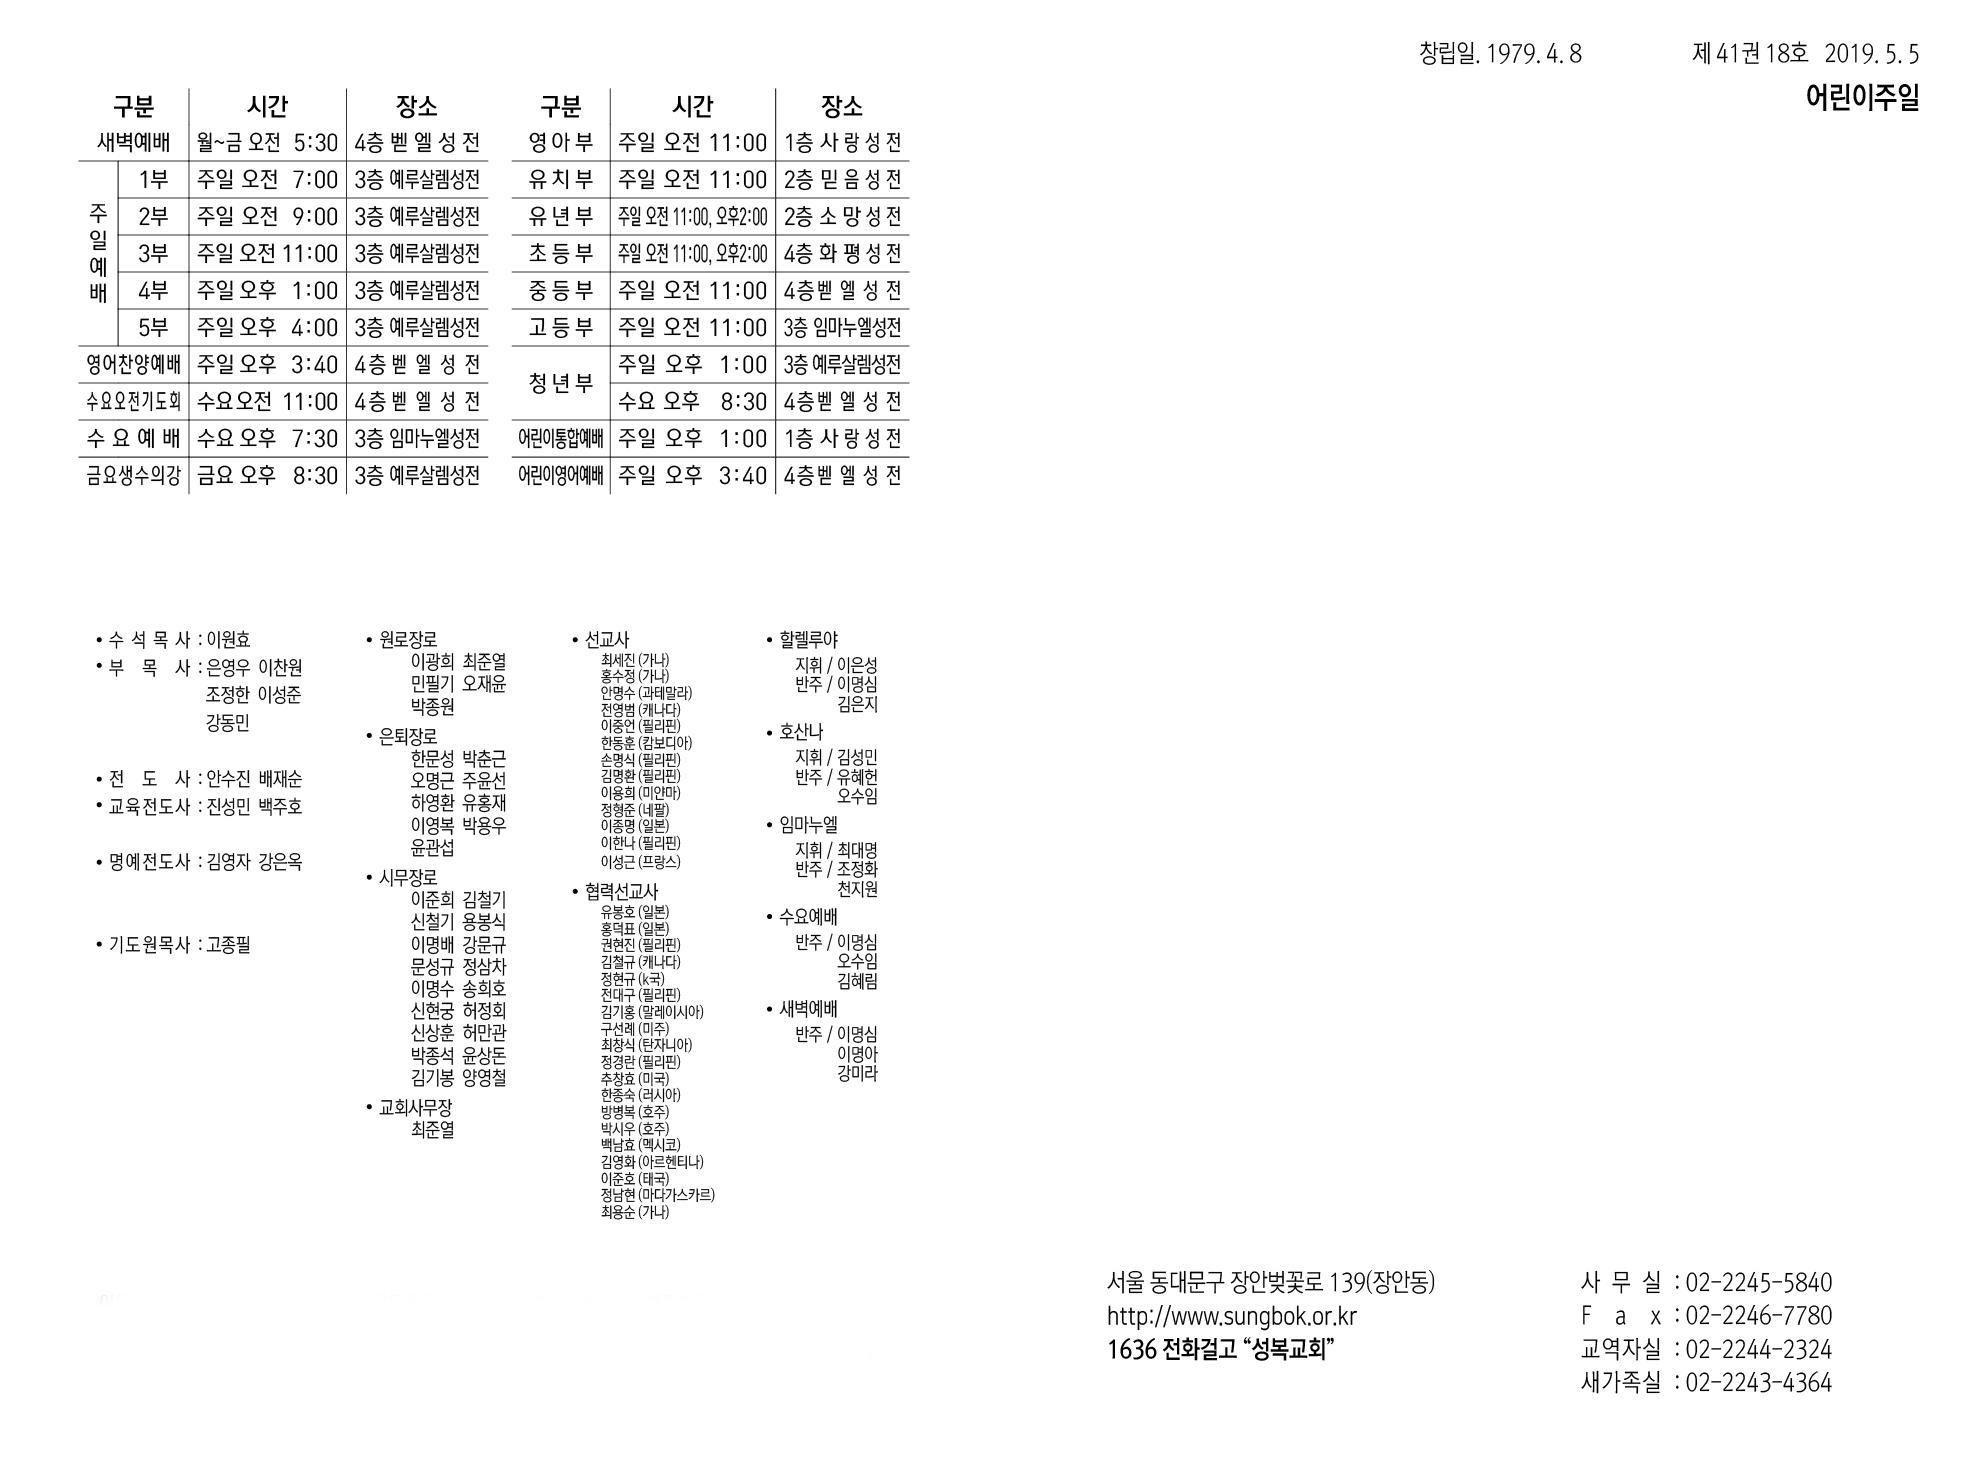 1212c3f22cc4b73ca089fc231d8fd080.jpg